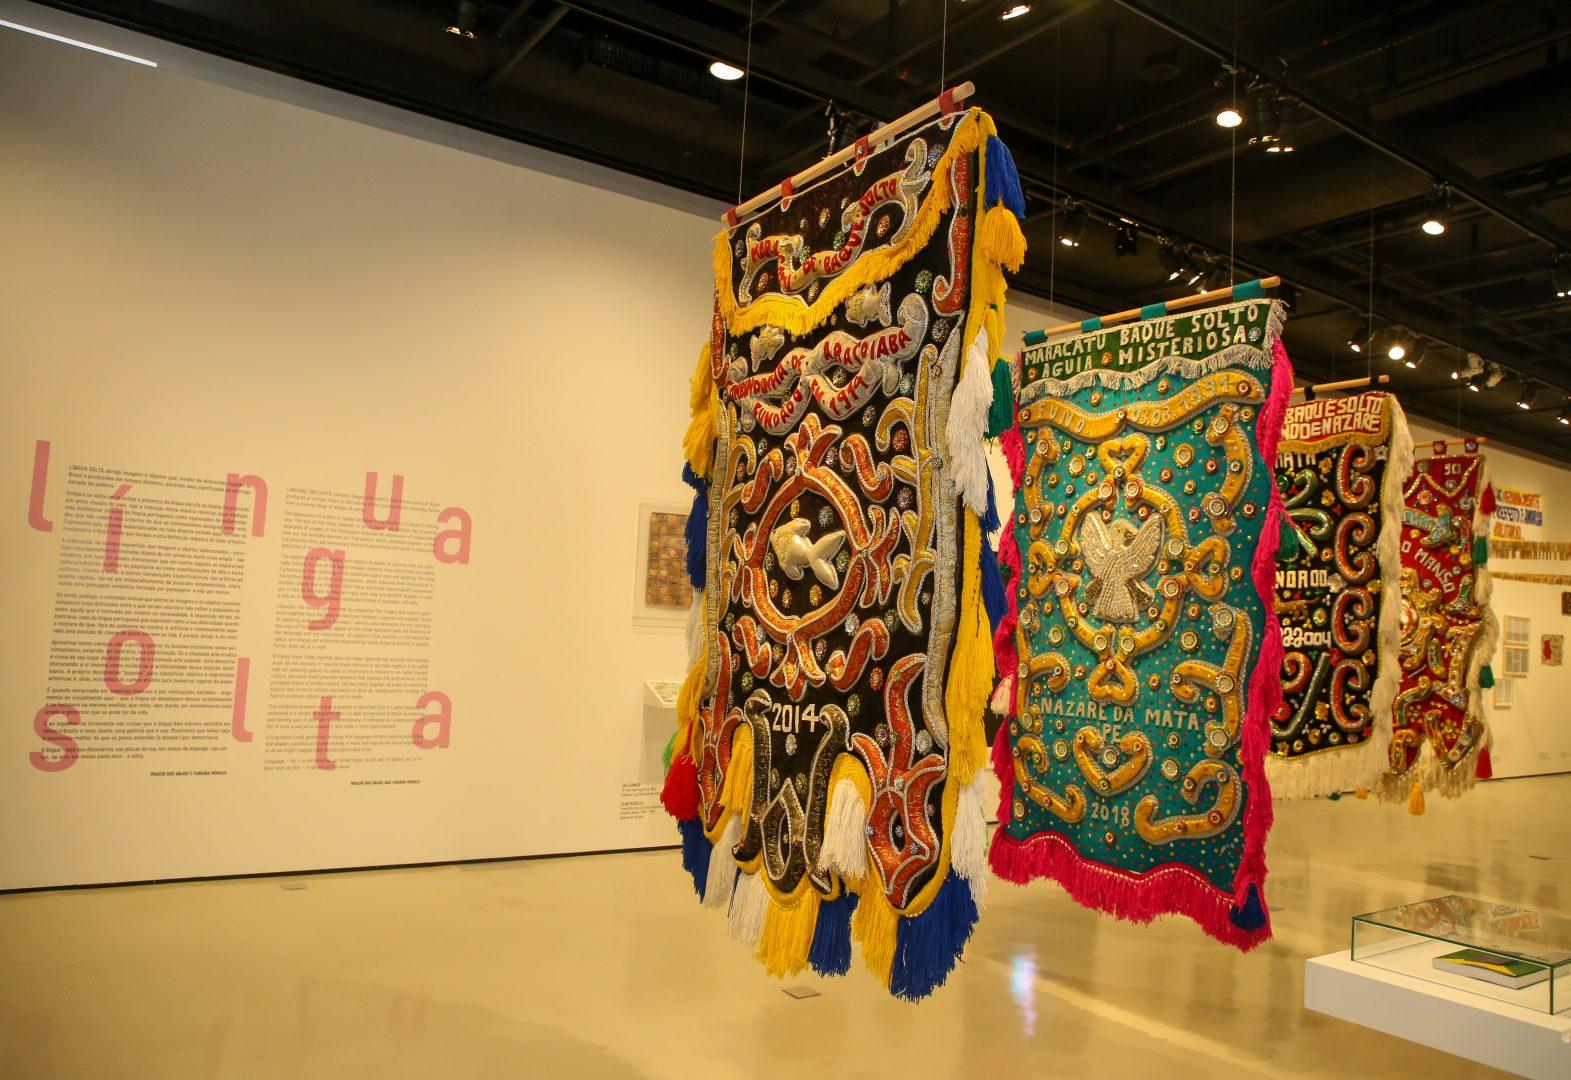 Exposição 'Língua Solta' no Museu da Língua Portuguesa Foto: Ciete Silvério